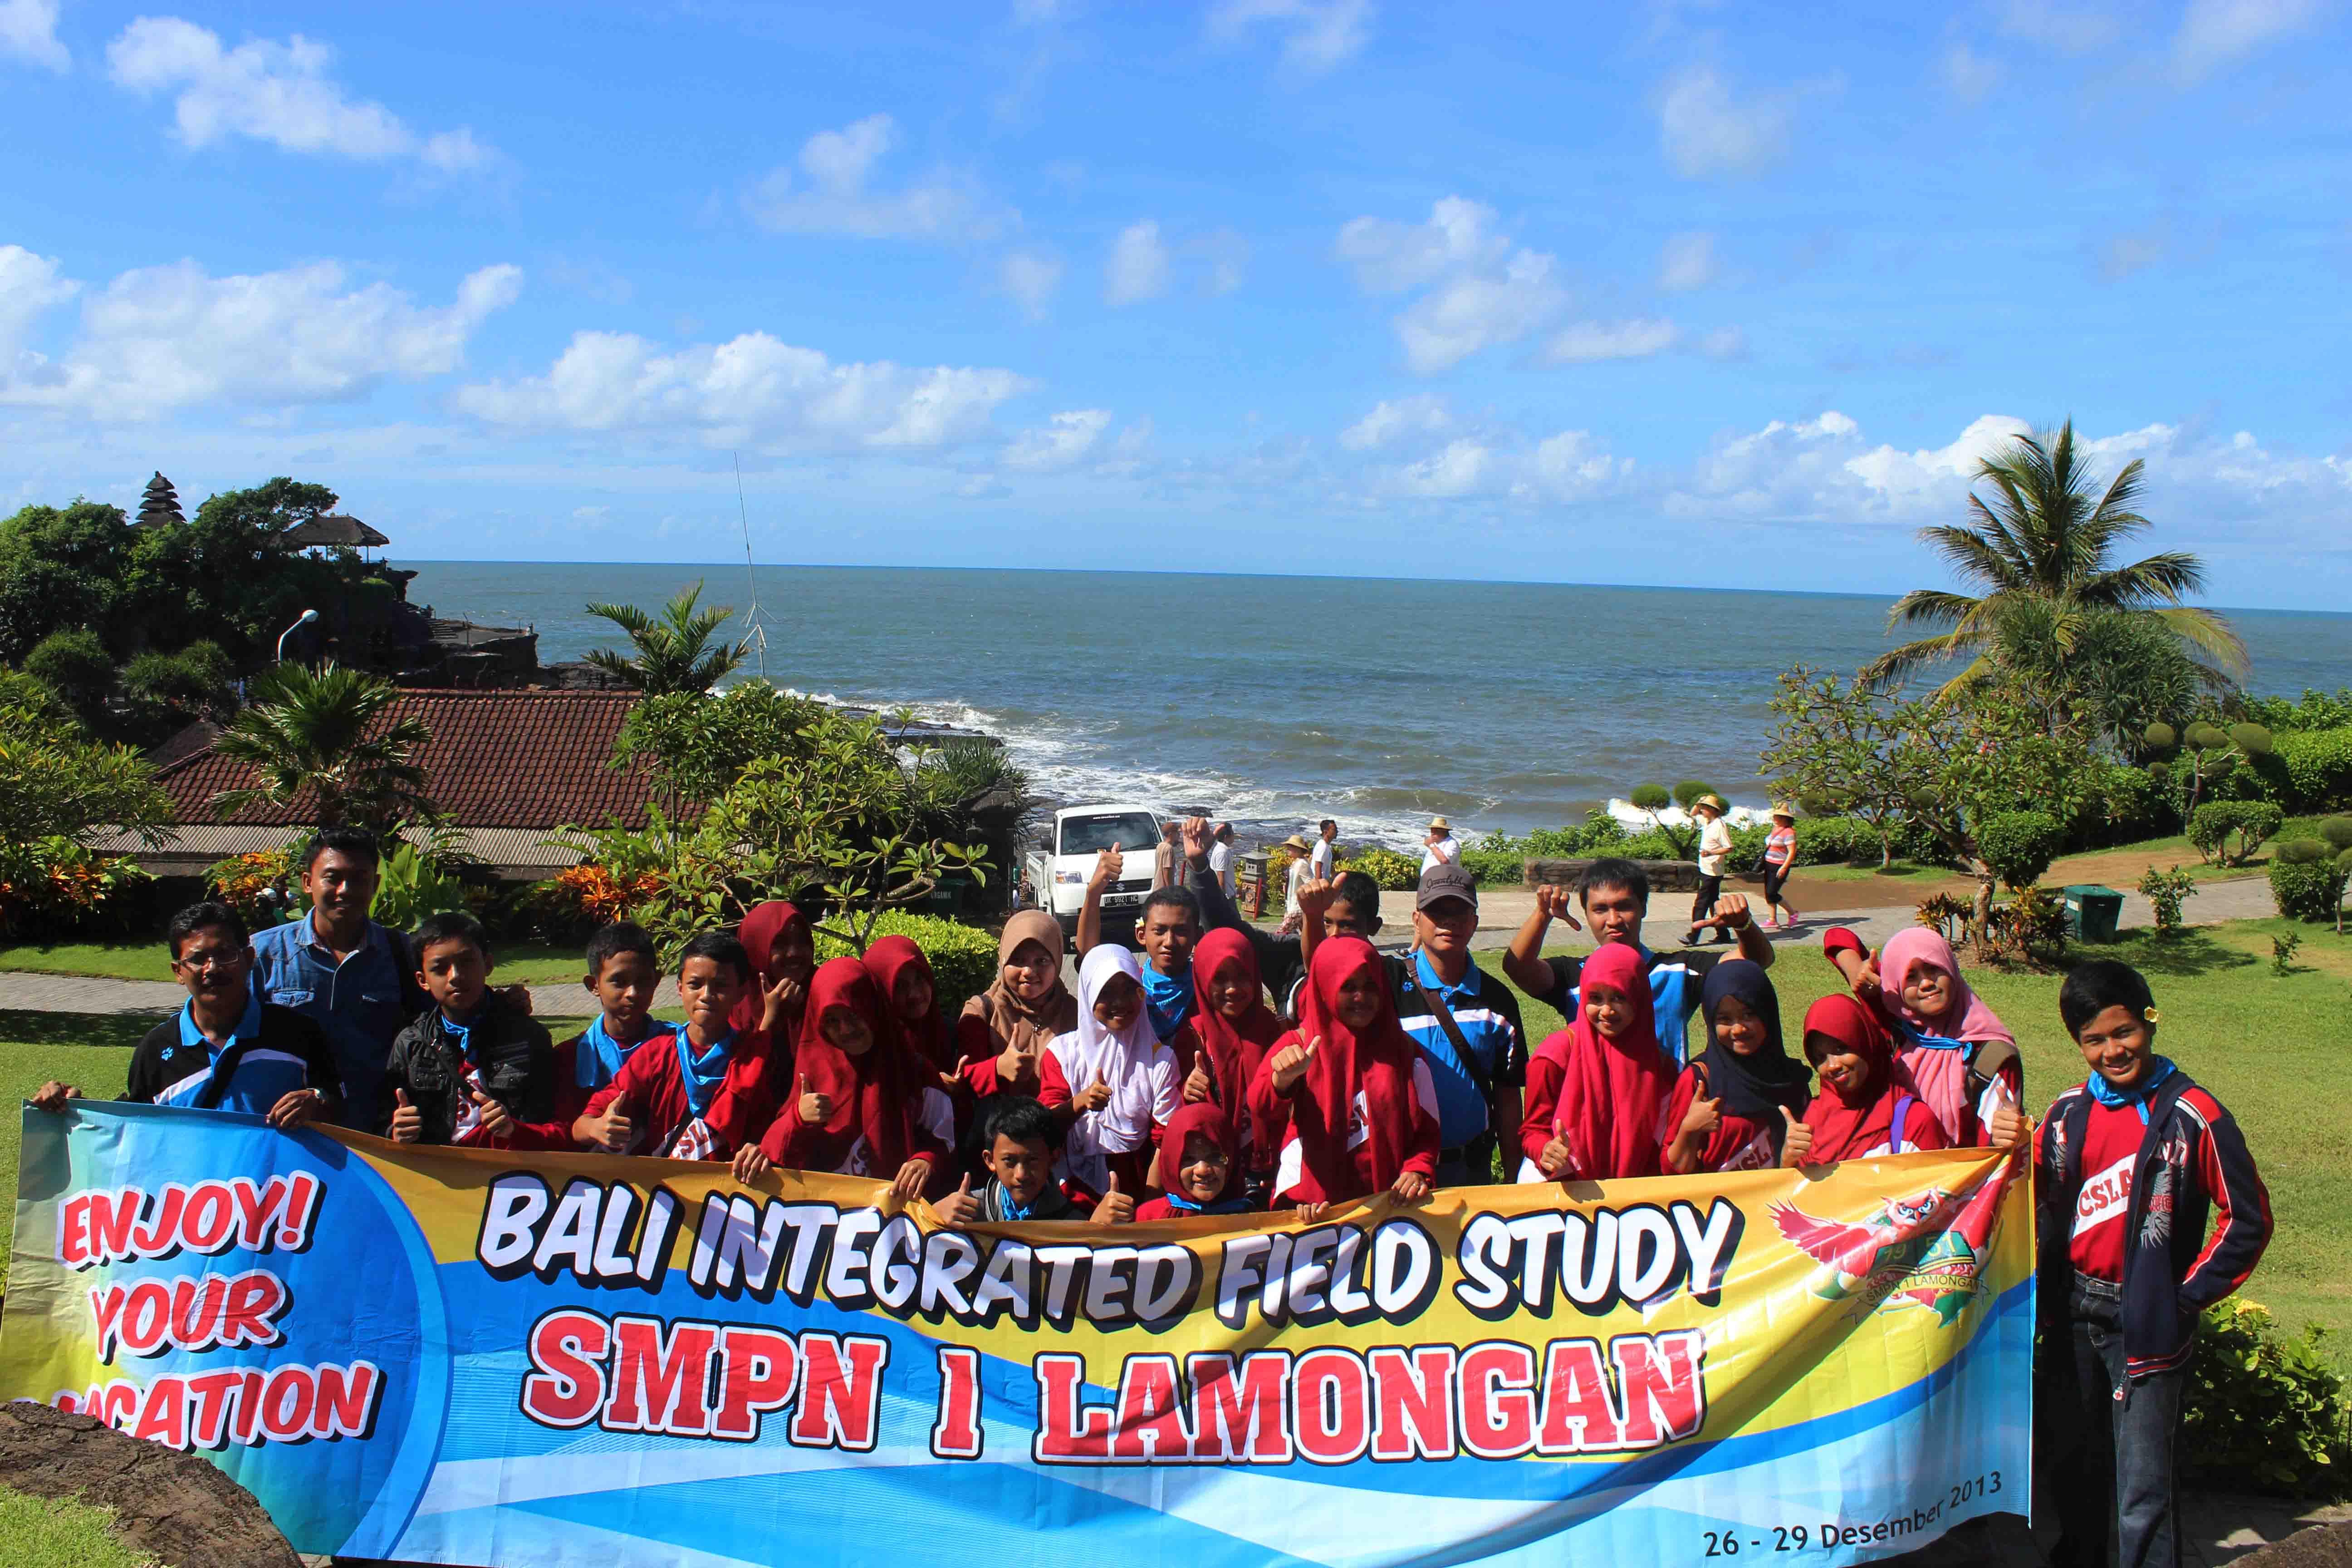 Smpn 1 Lamongan Bali Intergrated Field Study